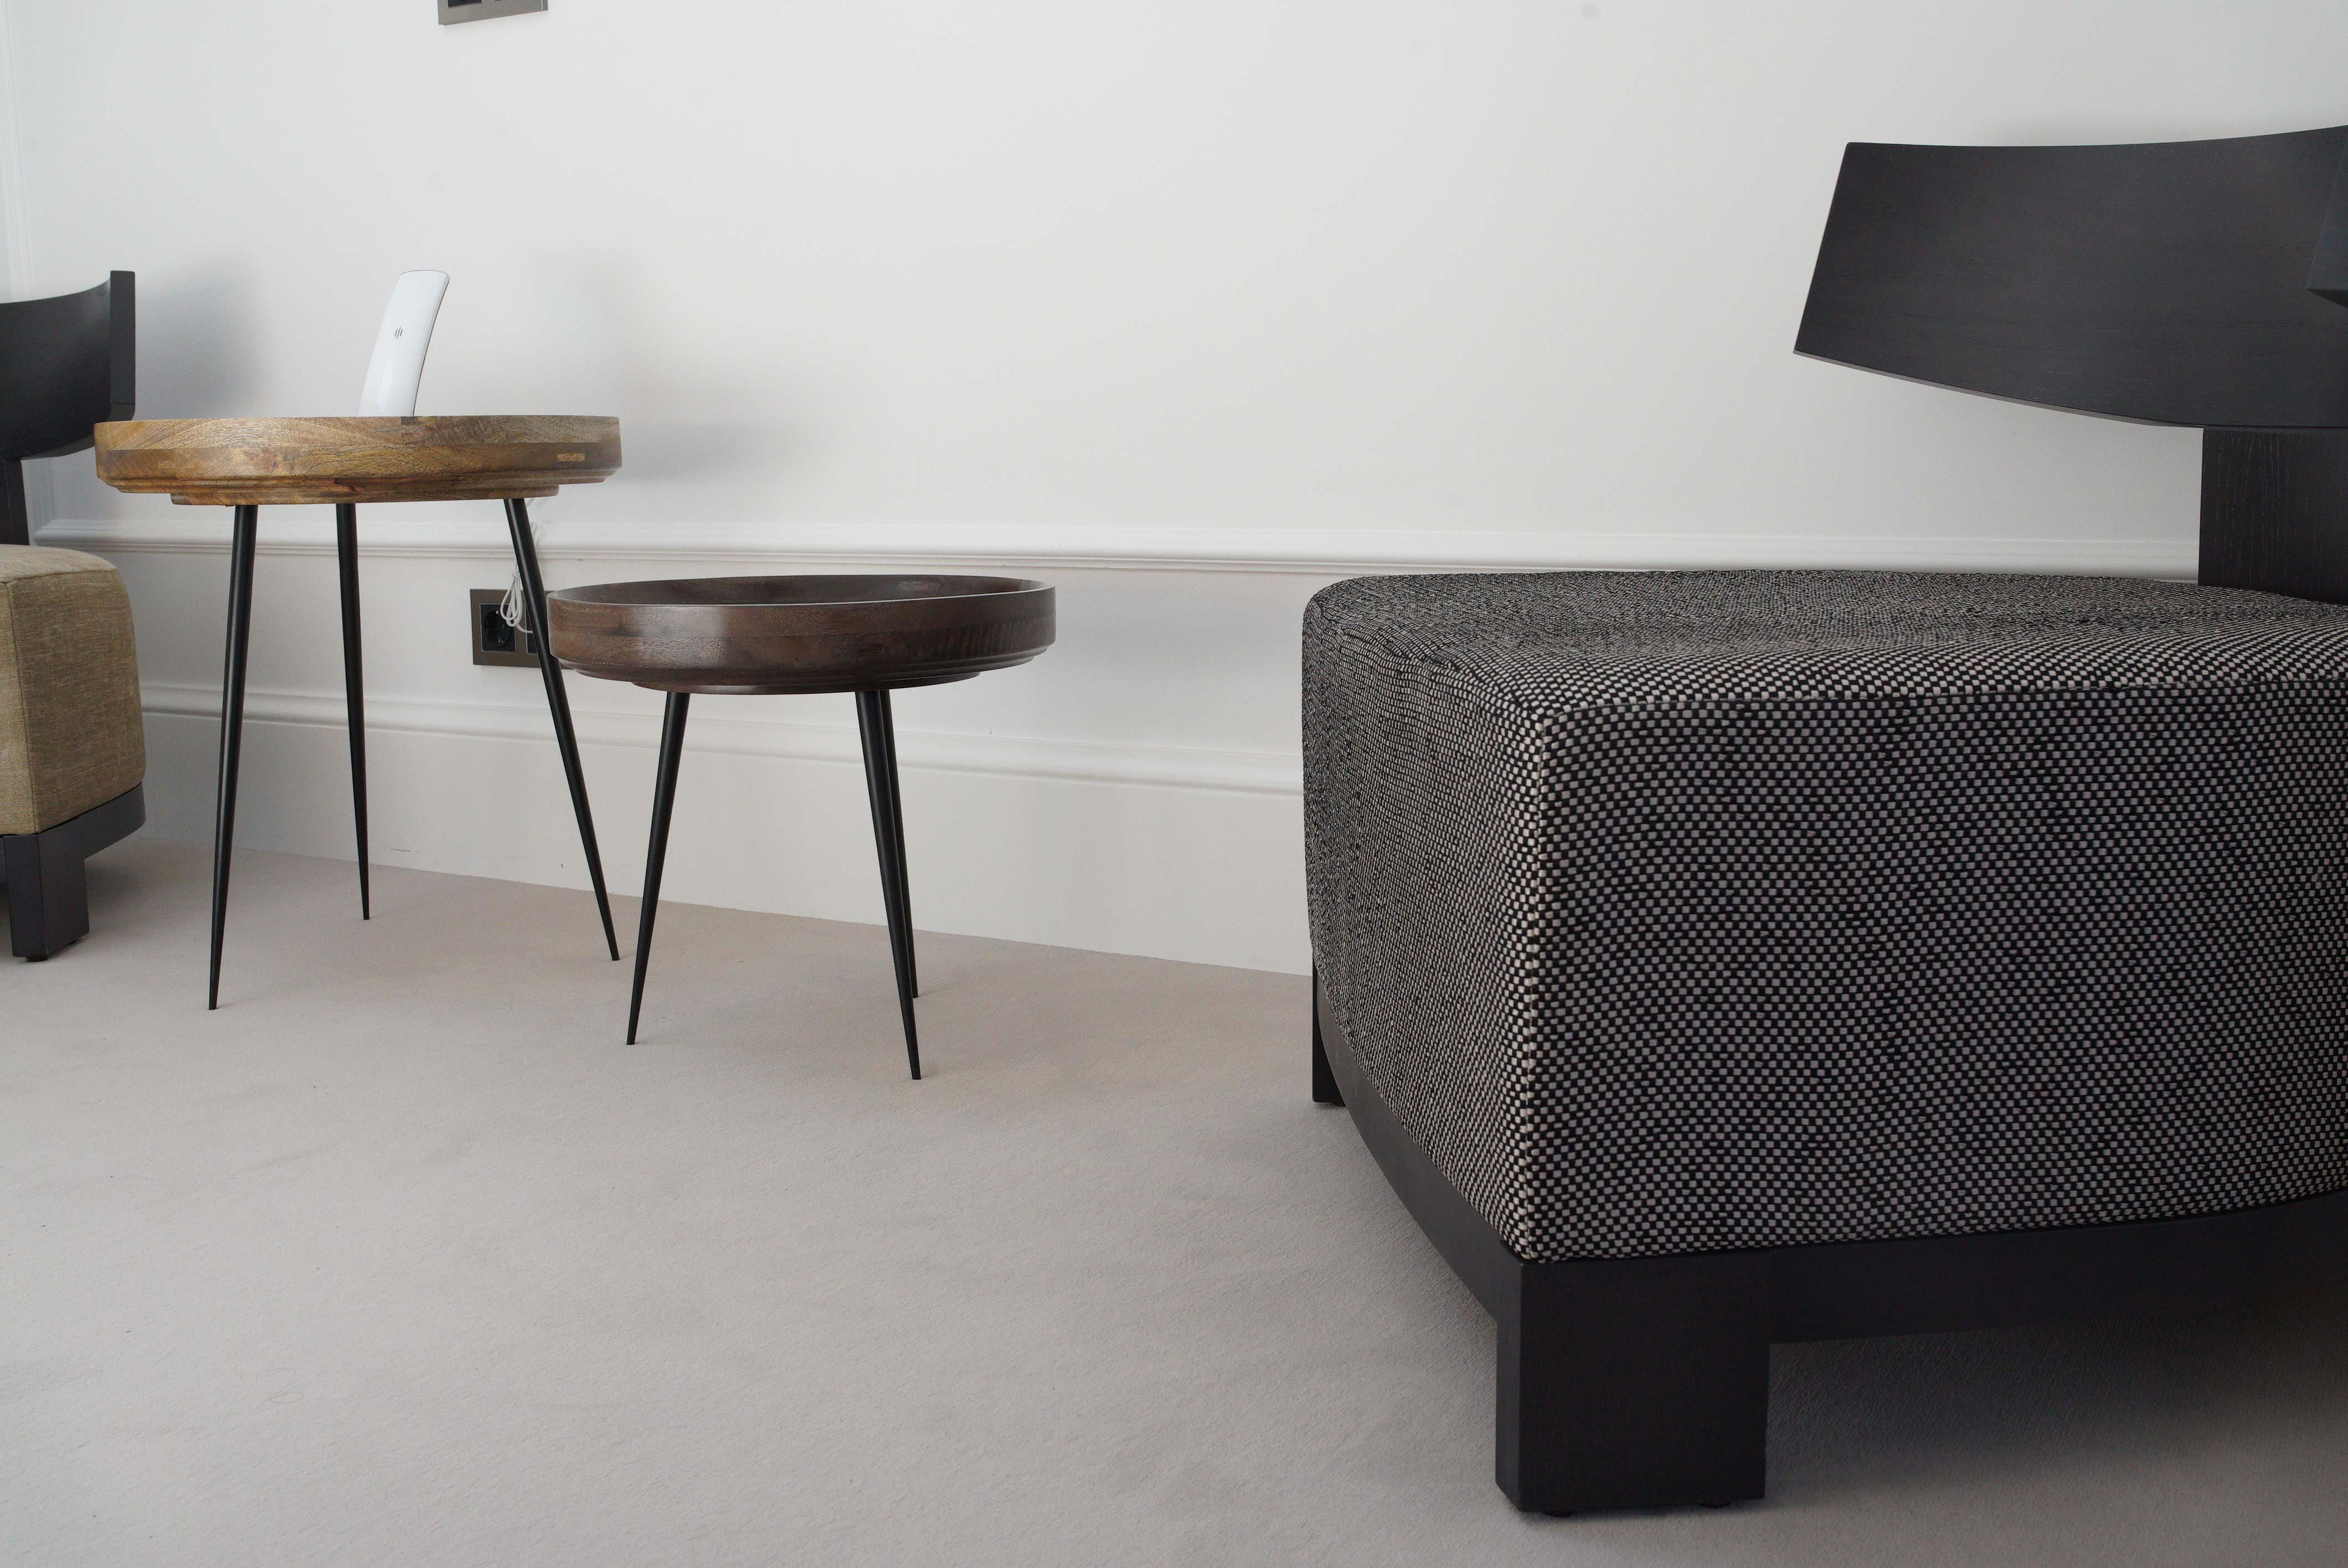 Photo détail fauteuil et table basse